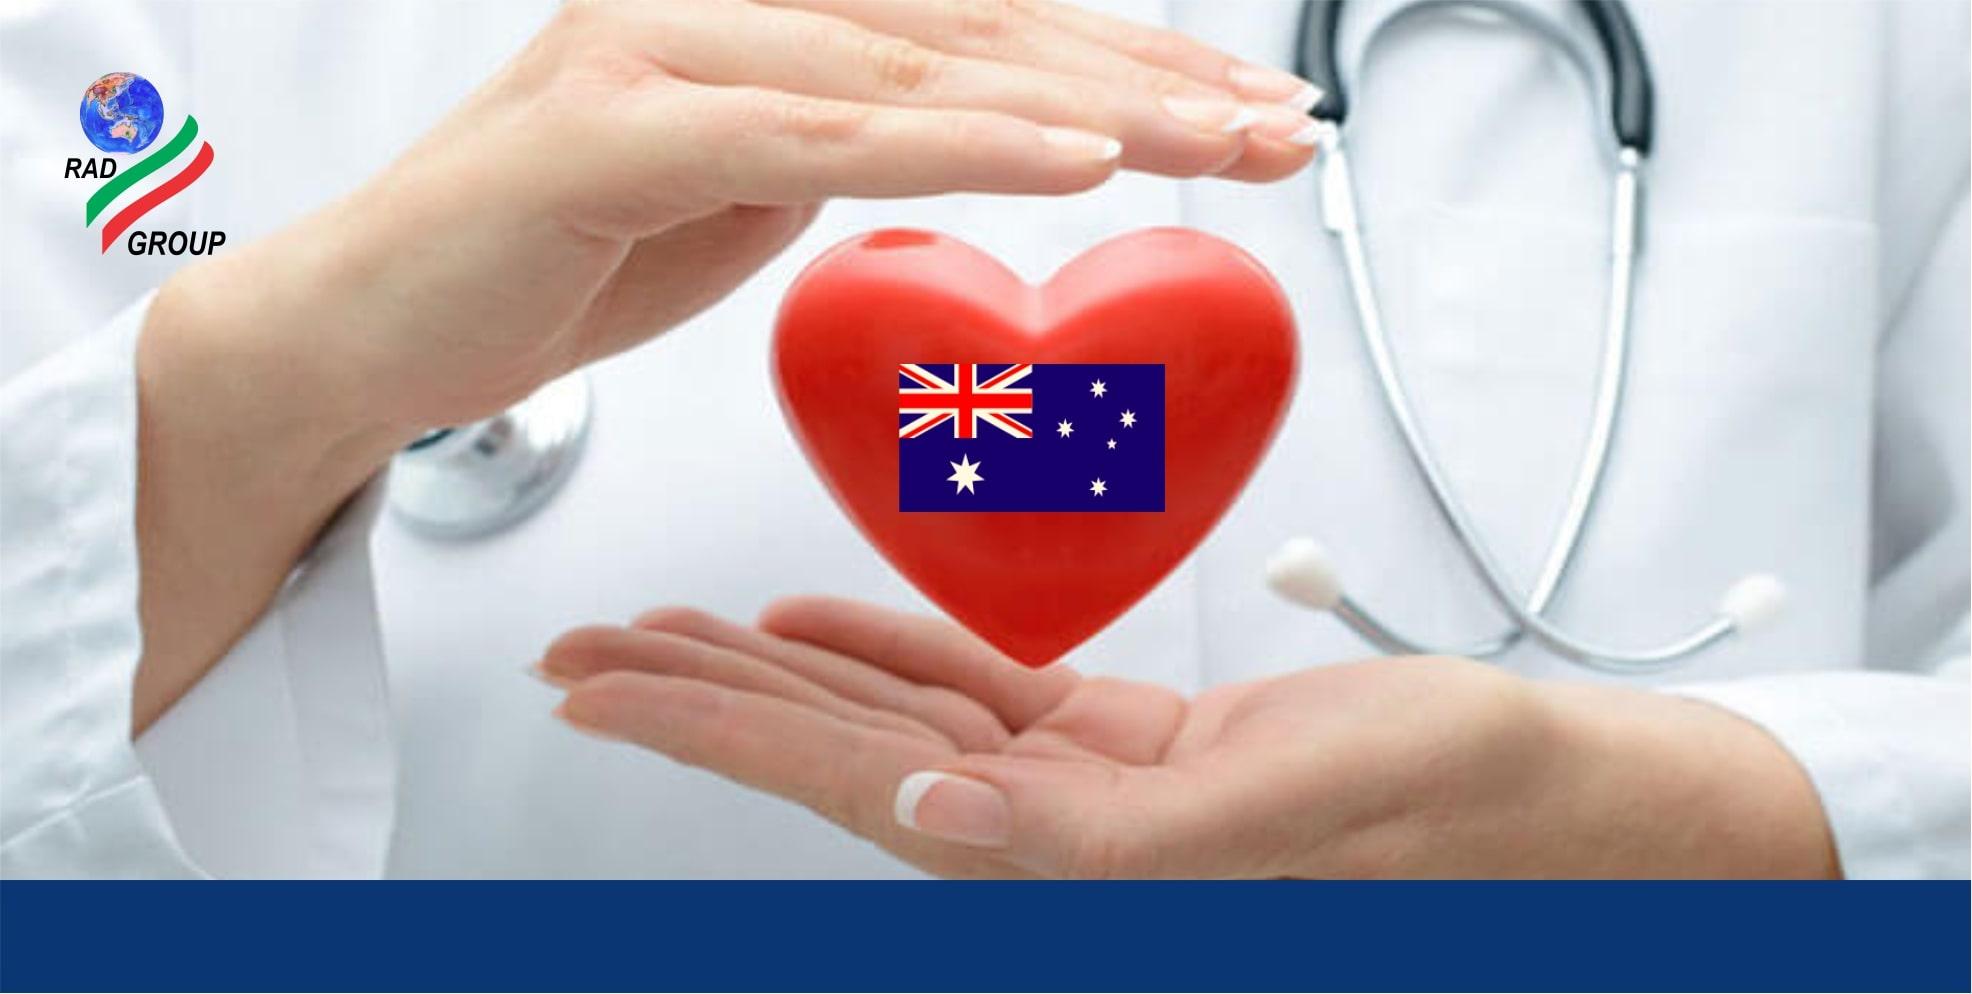 جایگاه استرالیا در سیستم خدمات درمانی